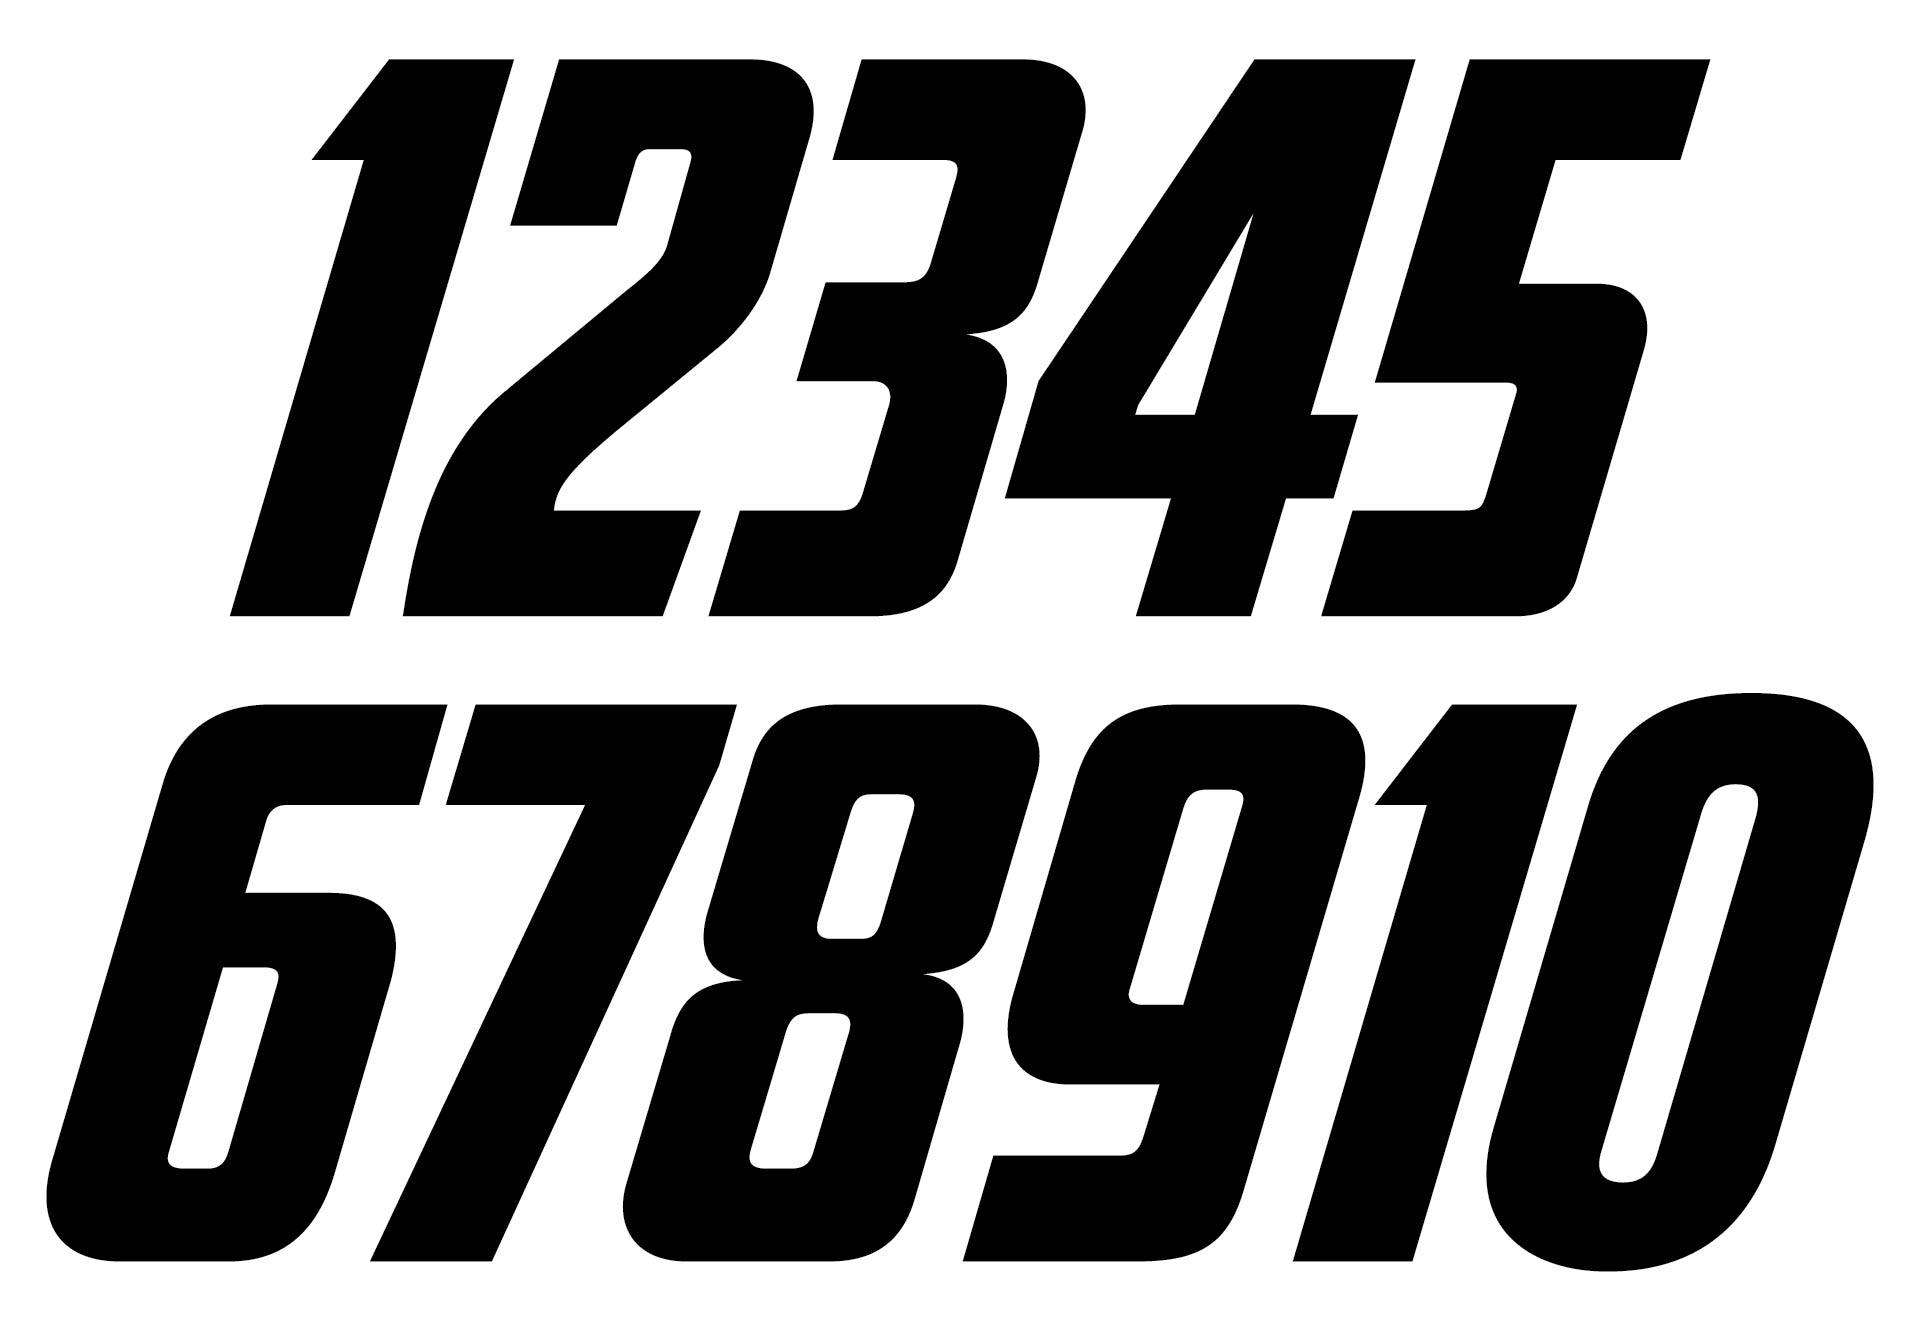 Black Large Printable Numbers 1 10